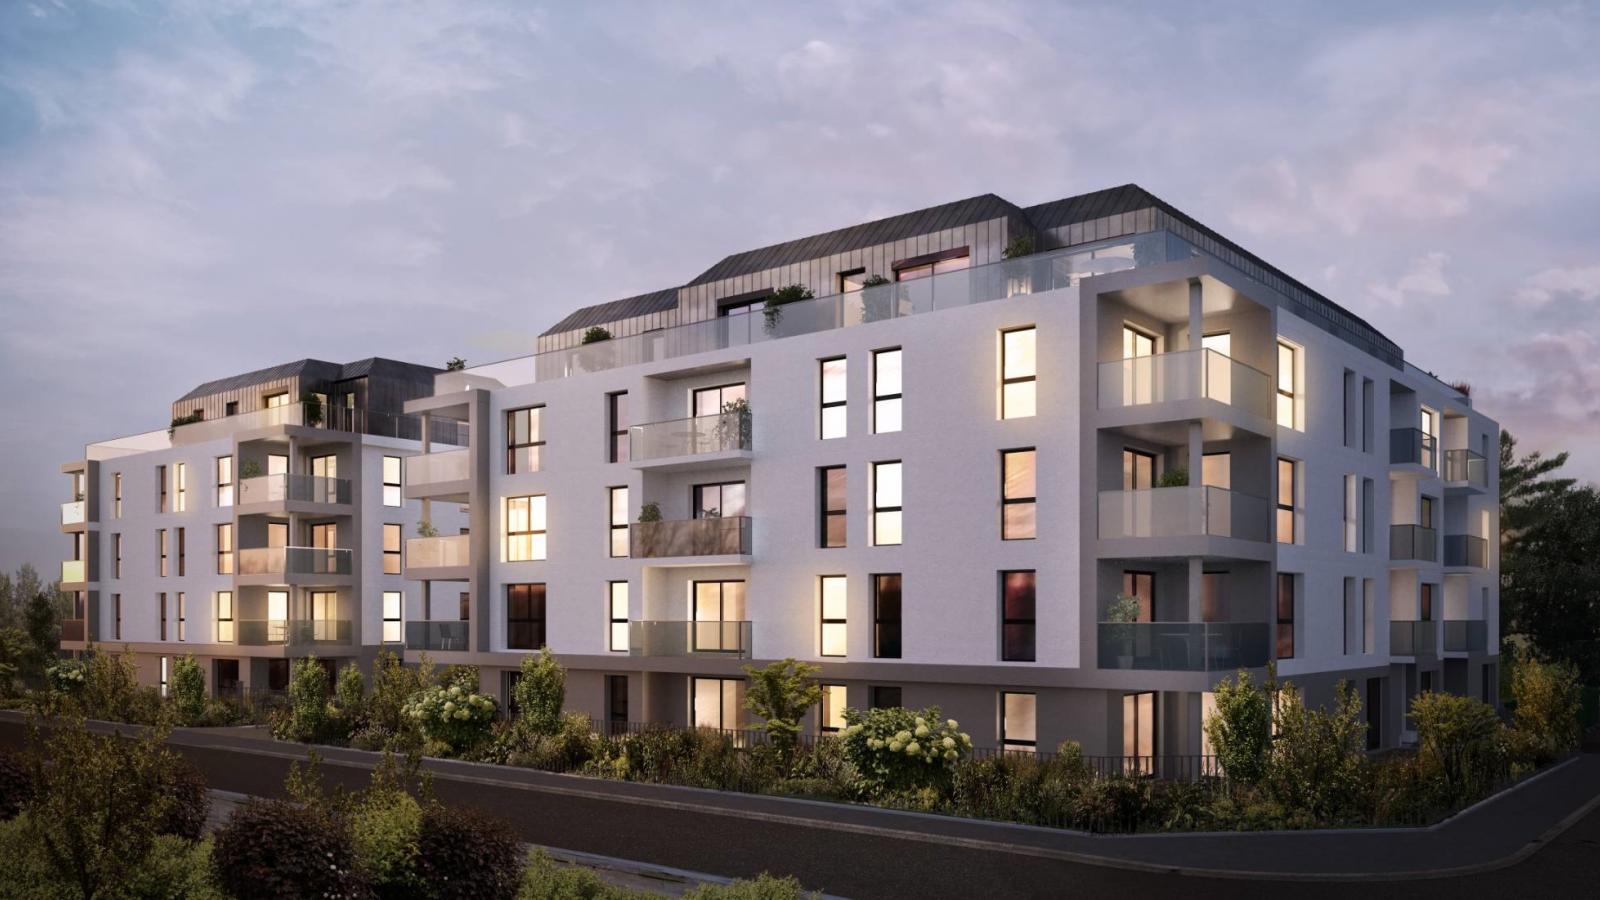 Programme immobilier VAL75 appartement à Ville La Grand (74100) Proche Frontière Suisse